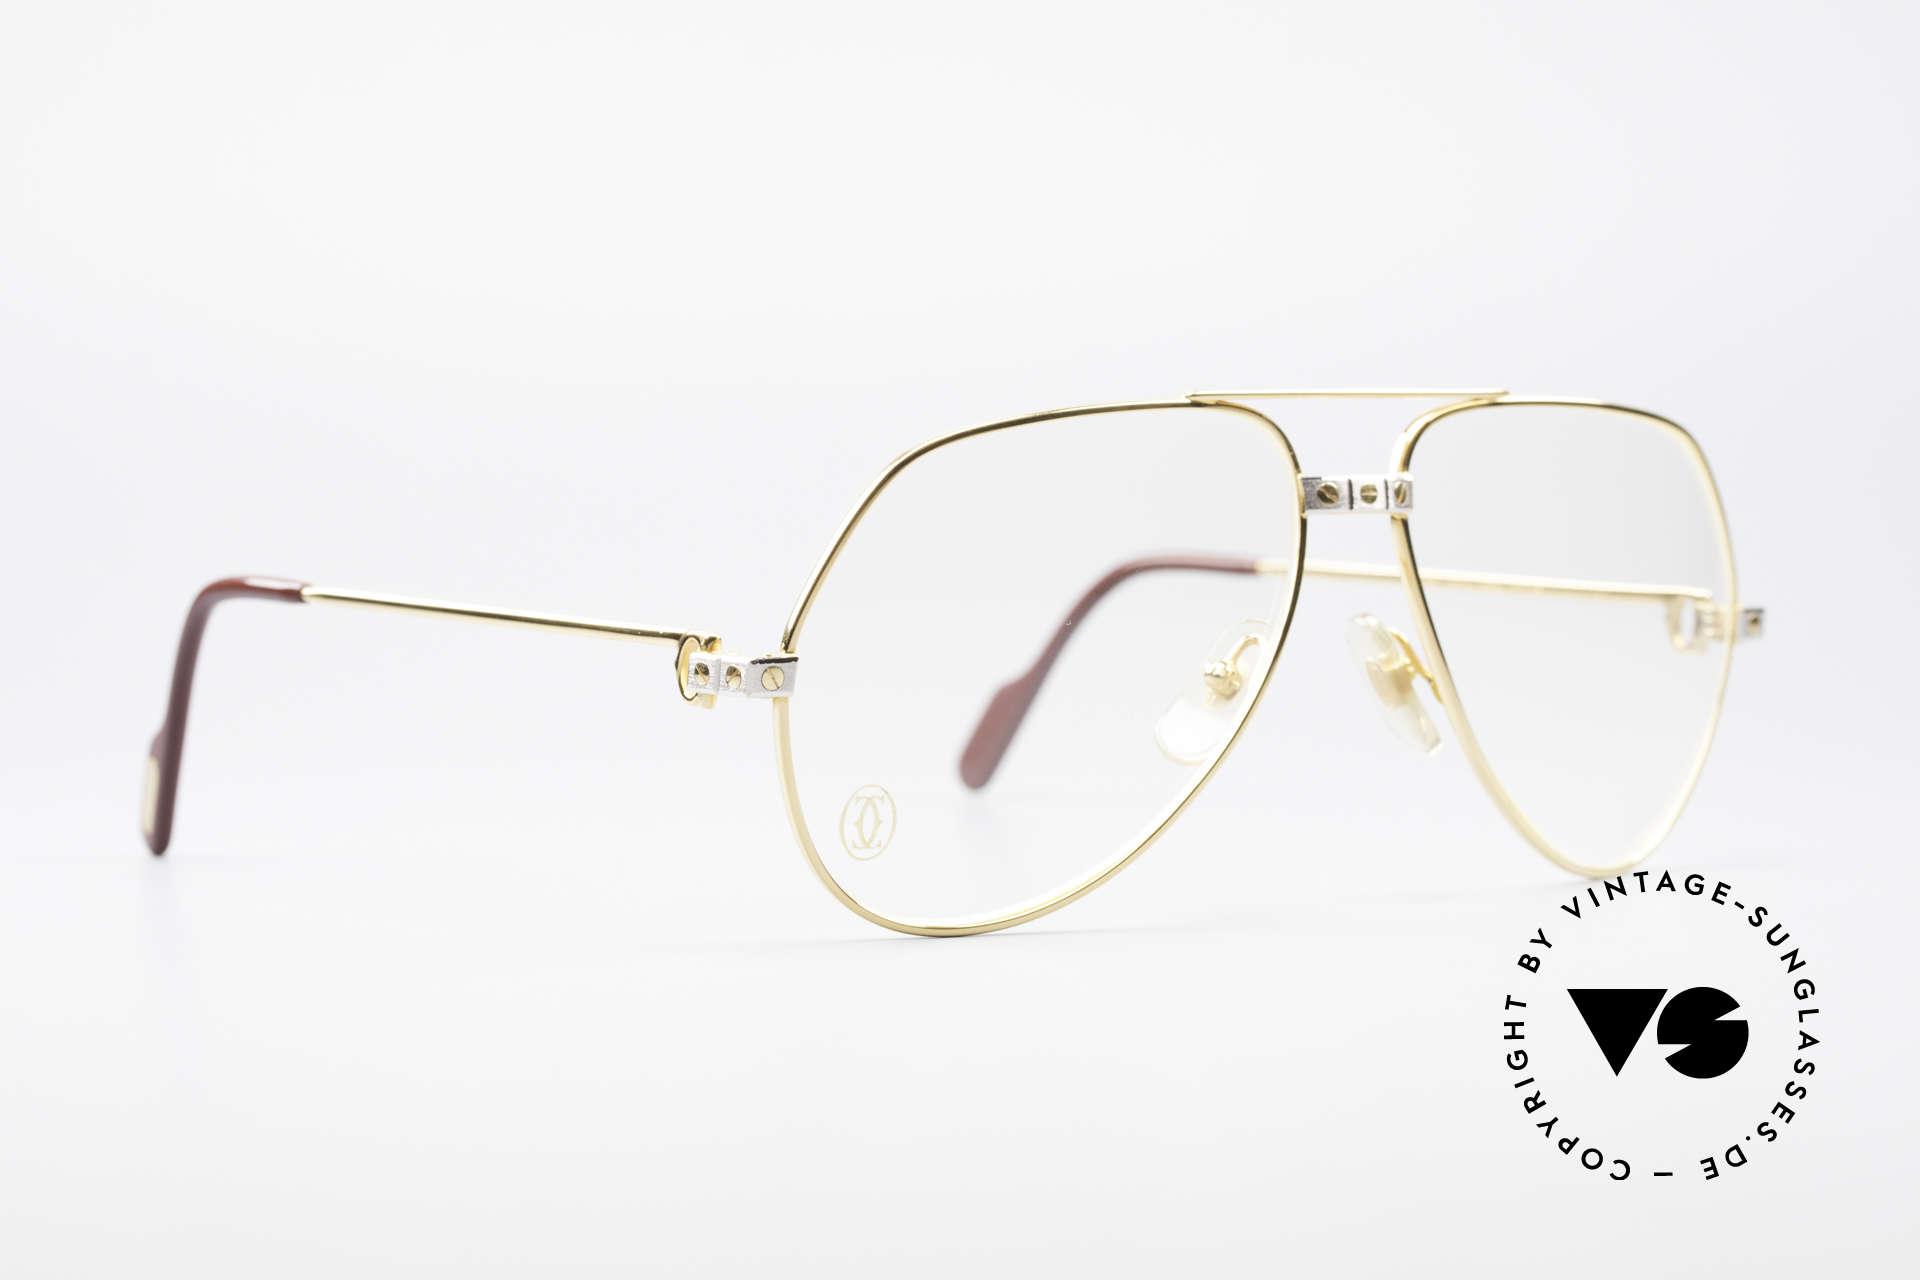 Cartier Vendome Santos - M James Bond Glasses Original, Santos Decor (with 3 screws): MEDIUM size 59-14, 140, Made for Men